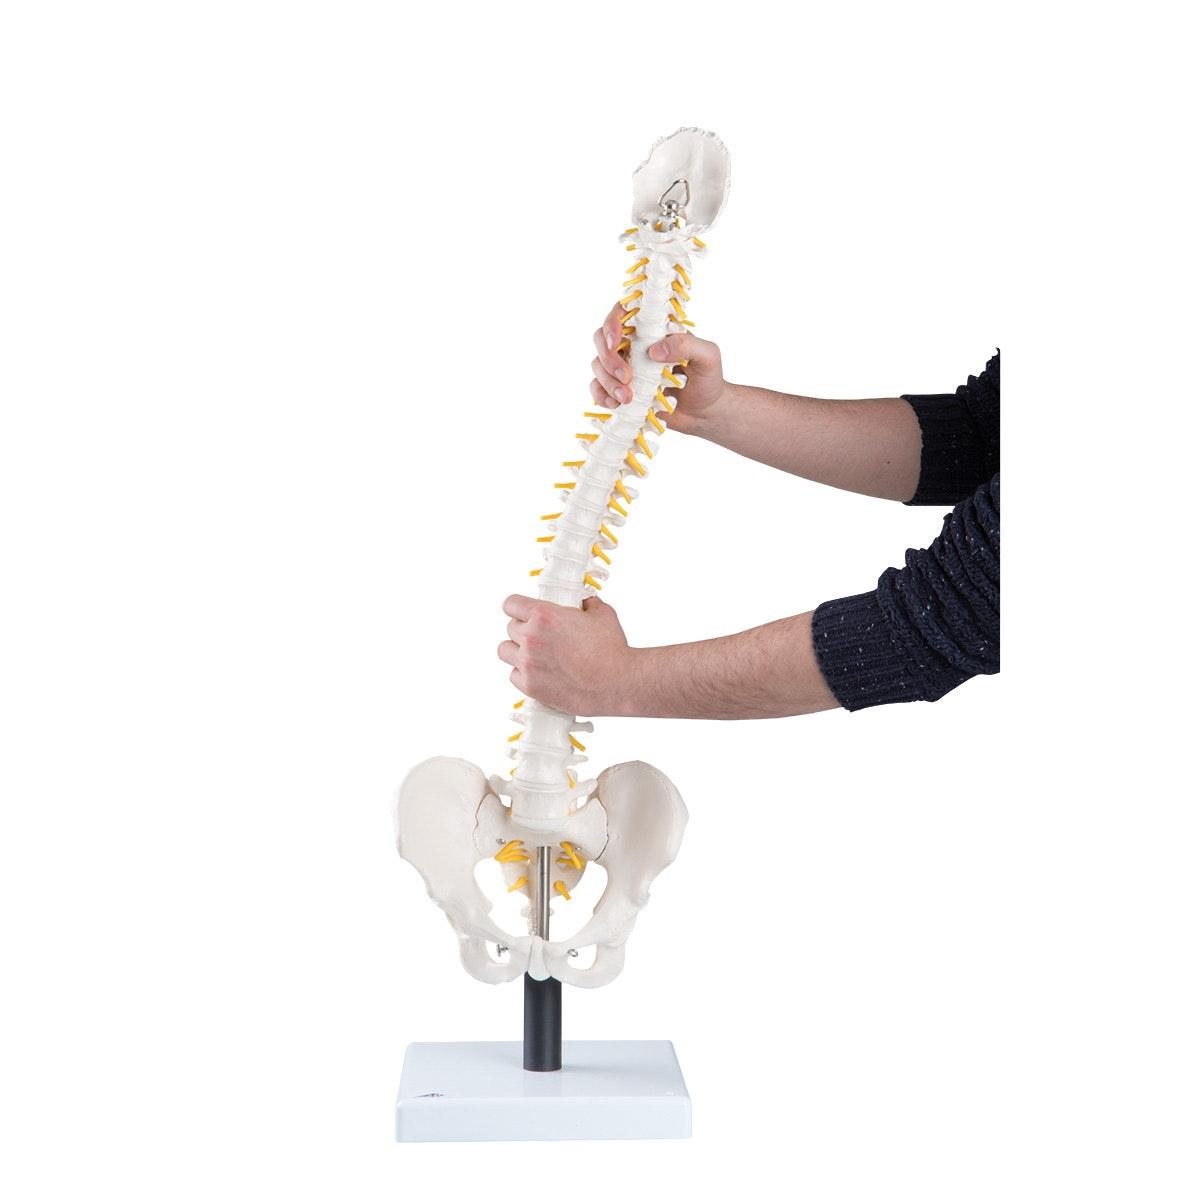 Fleksibel model af rygsøjlen med ekstrabløde diskus, nerver m.m. præsenteret på stander